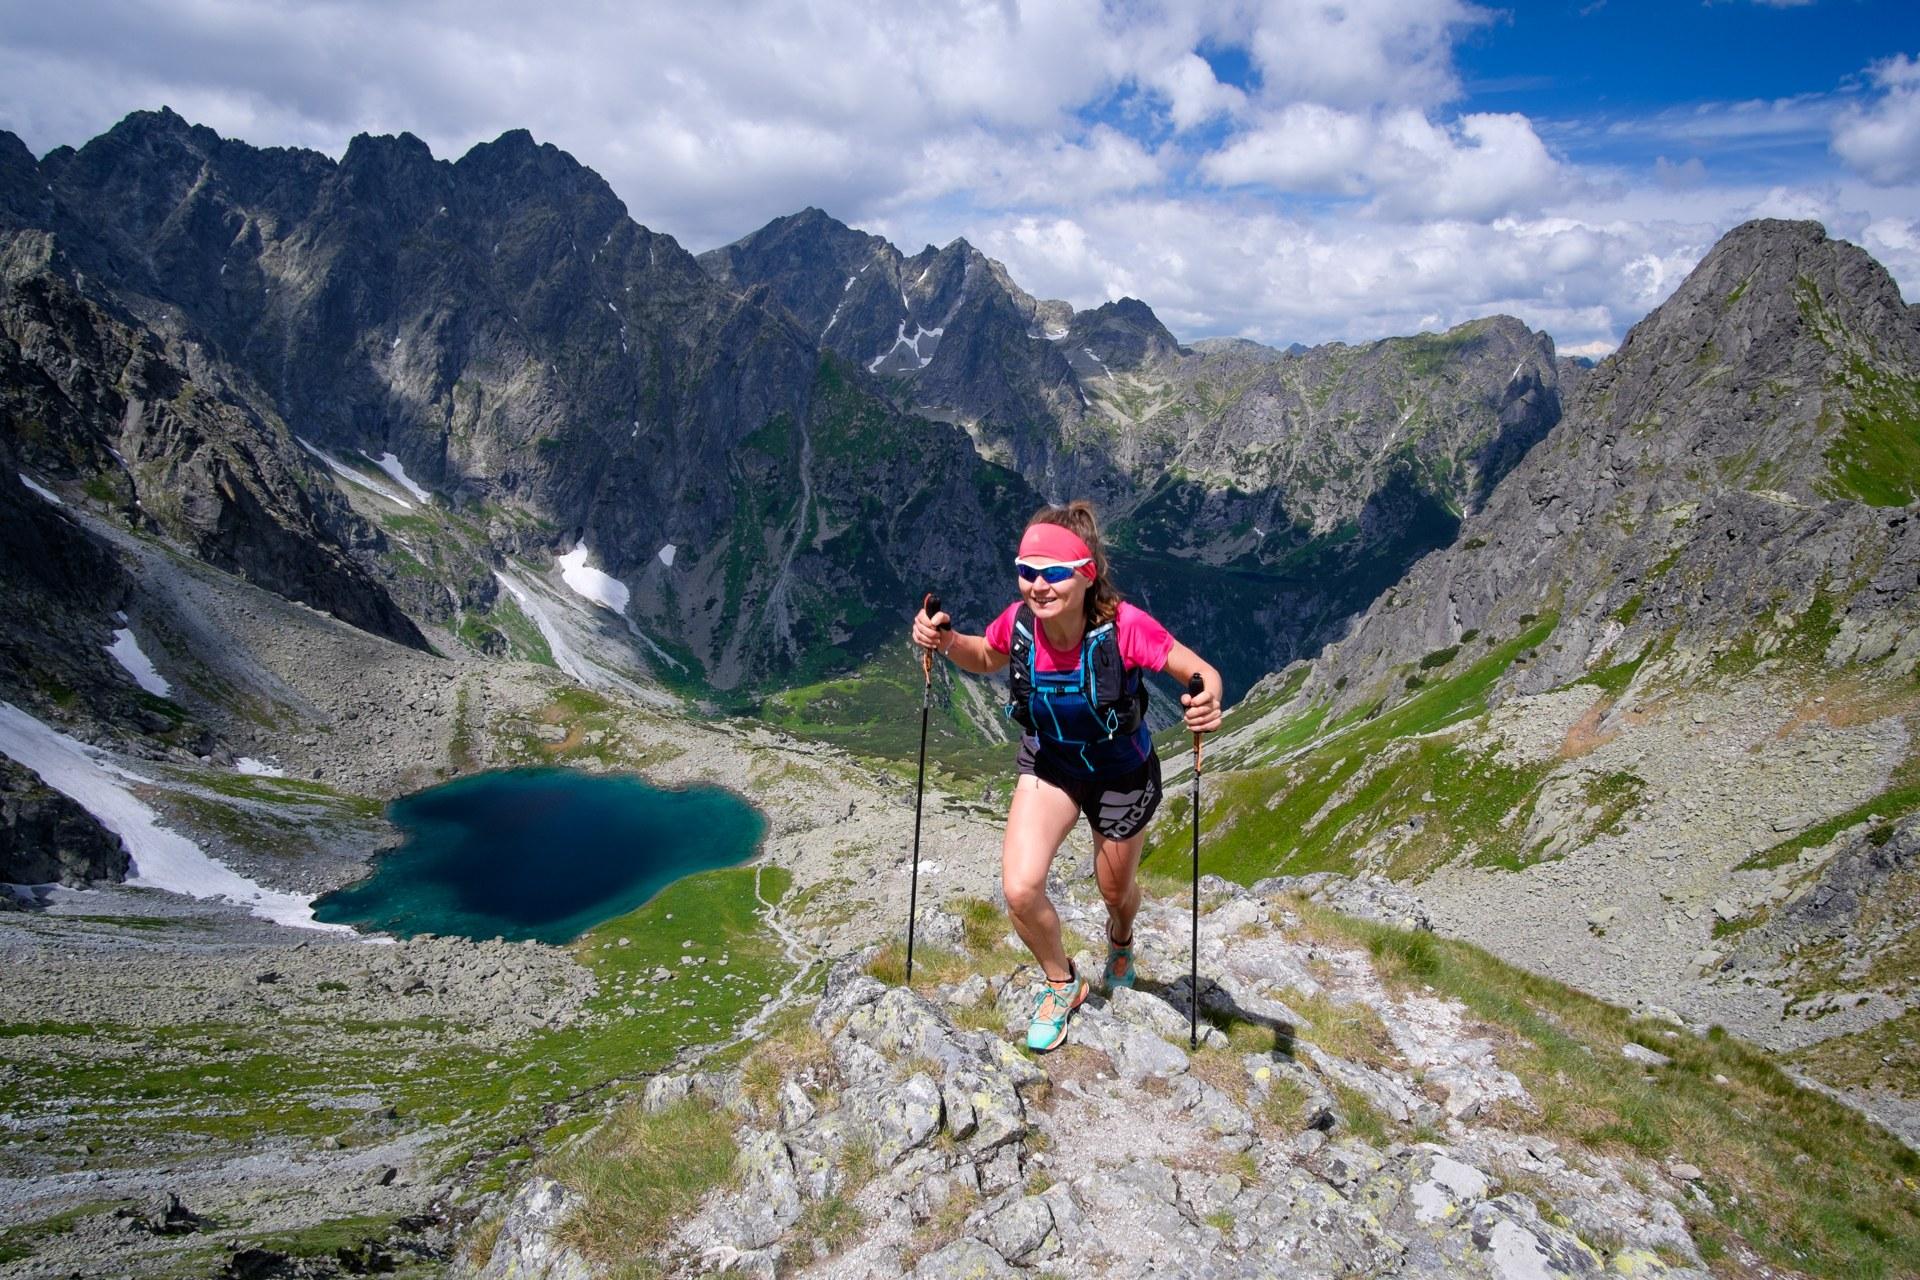 GÓRY. Trening z kijami, Tatry Woskie, Dolina Białej Wody, bieganie po górach